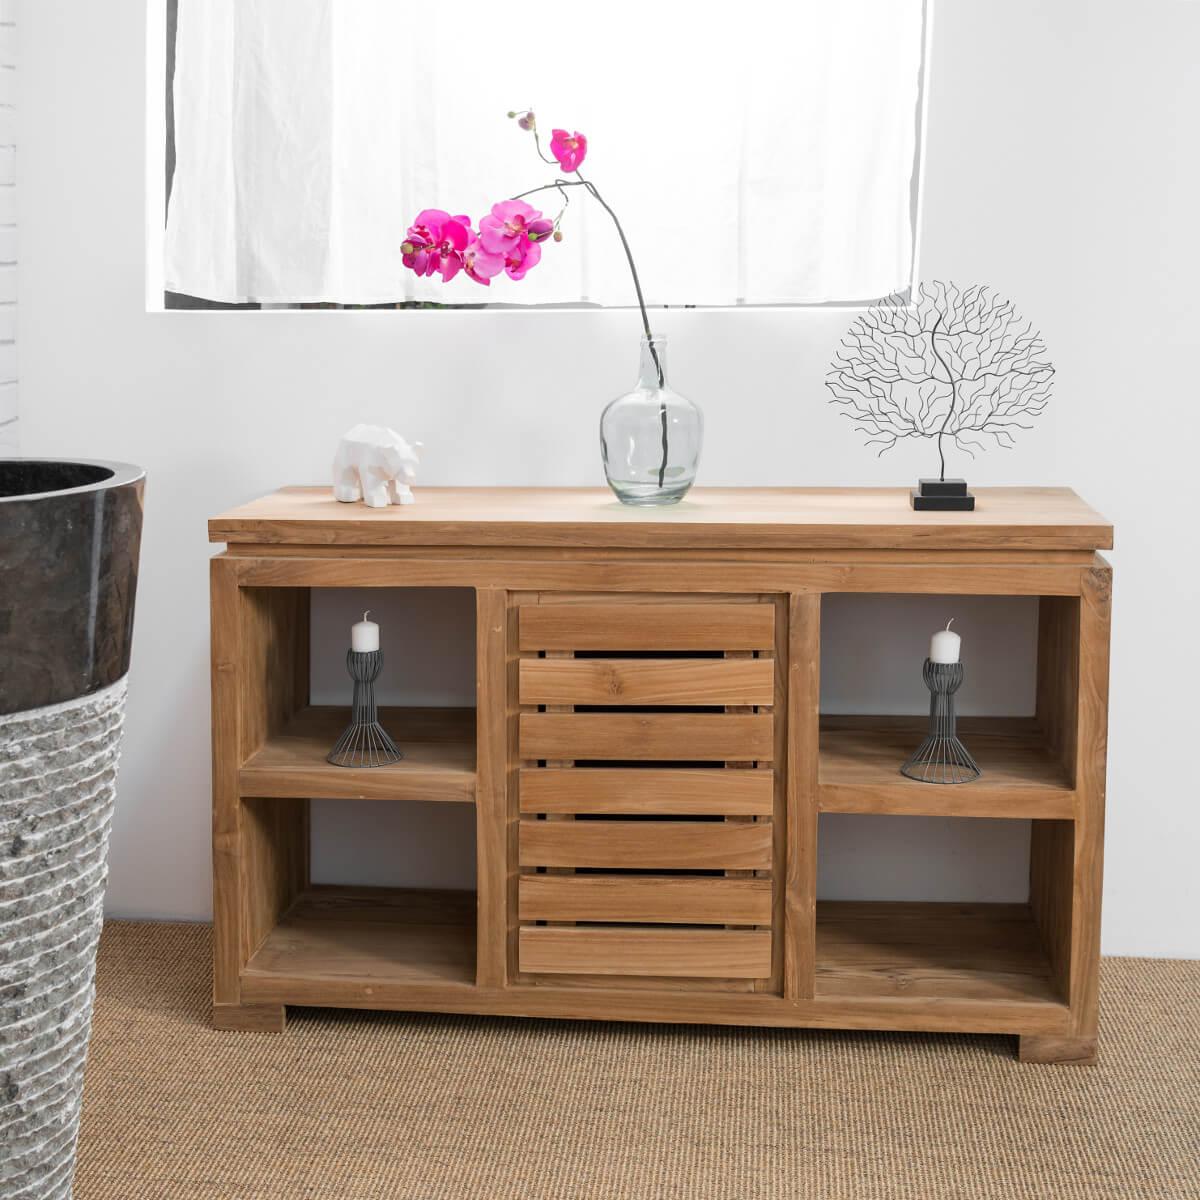 C moda para cuarto de ba o de madera maciza de teca - Comodas para habitacion ...